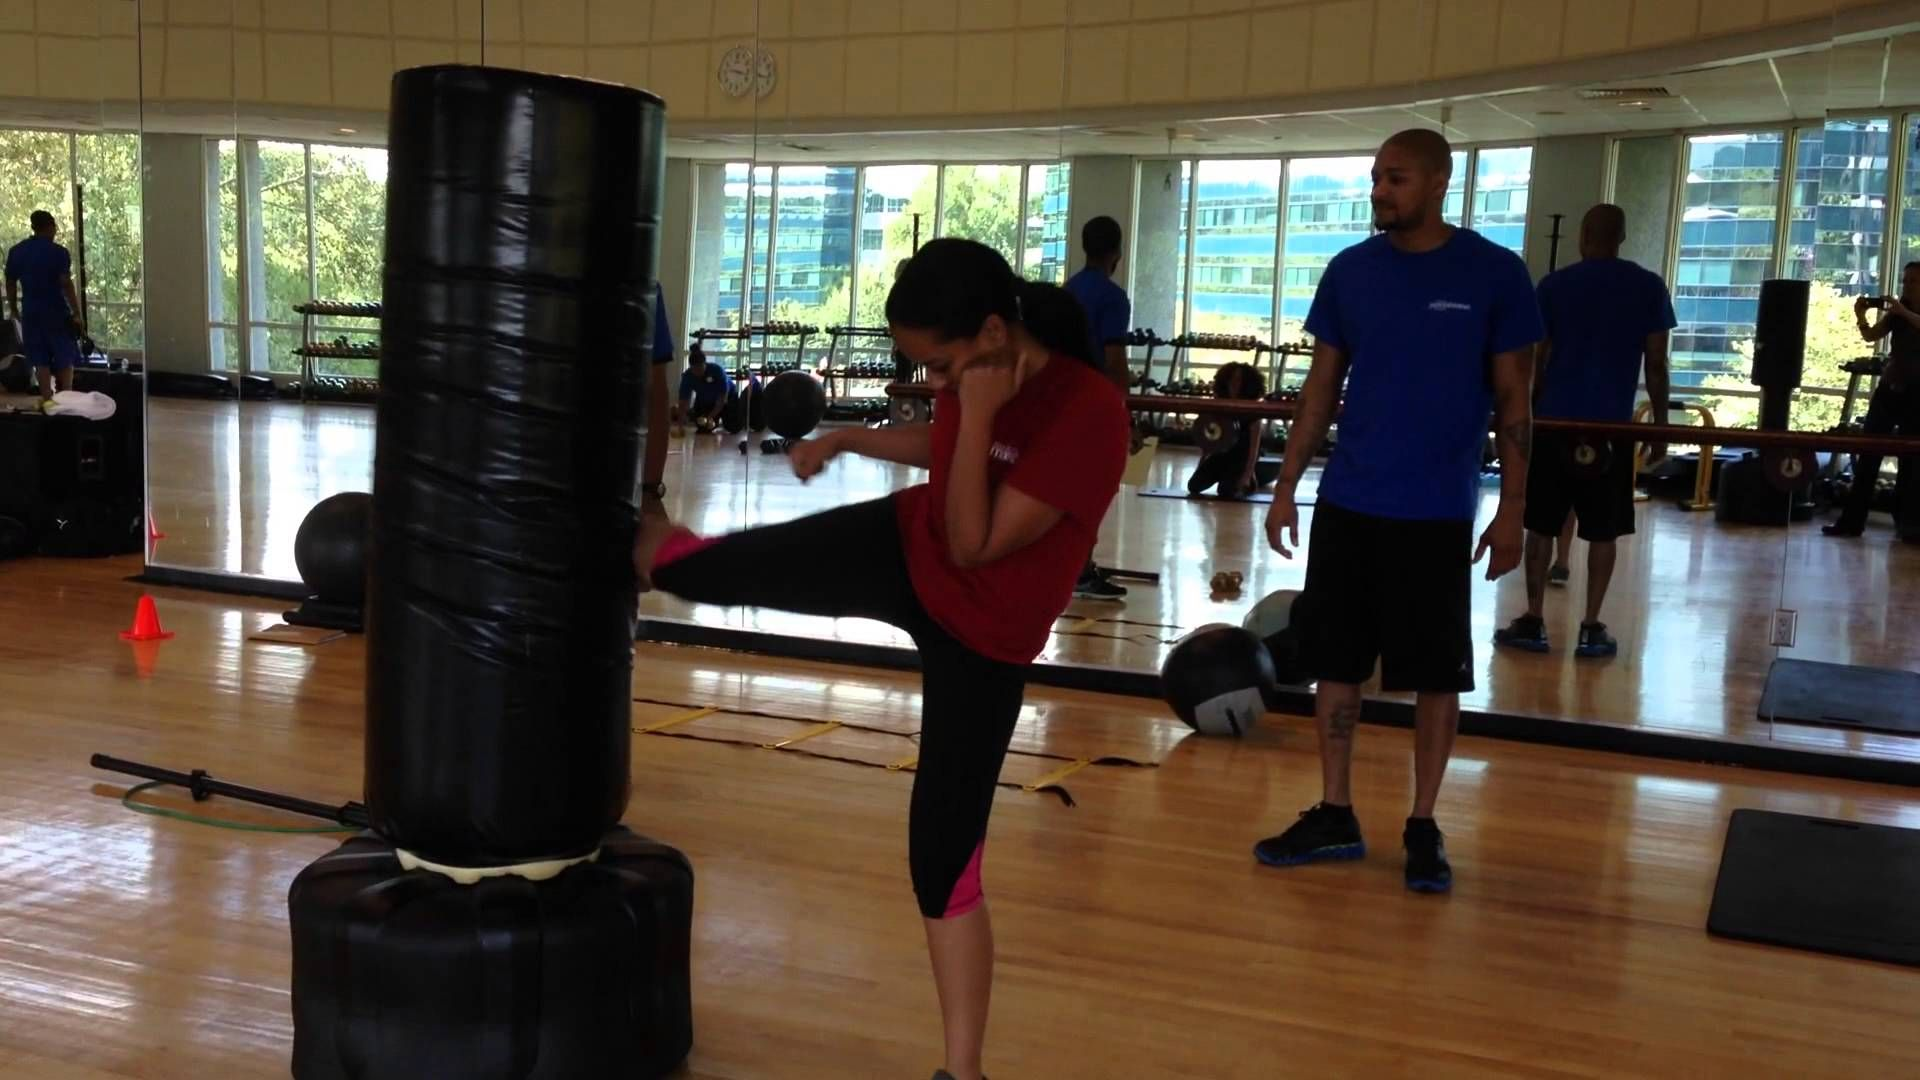 Atlanta Personal Trainer Program, Concourse Athletic Club